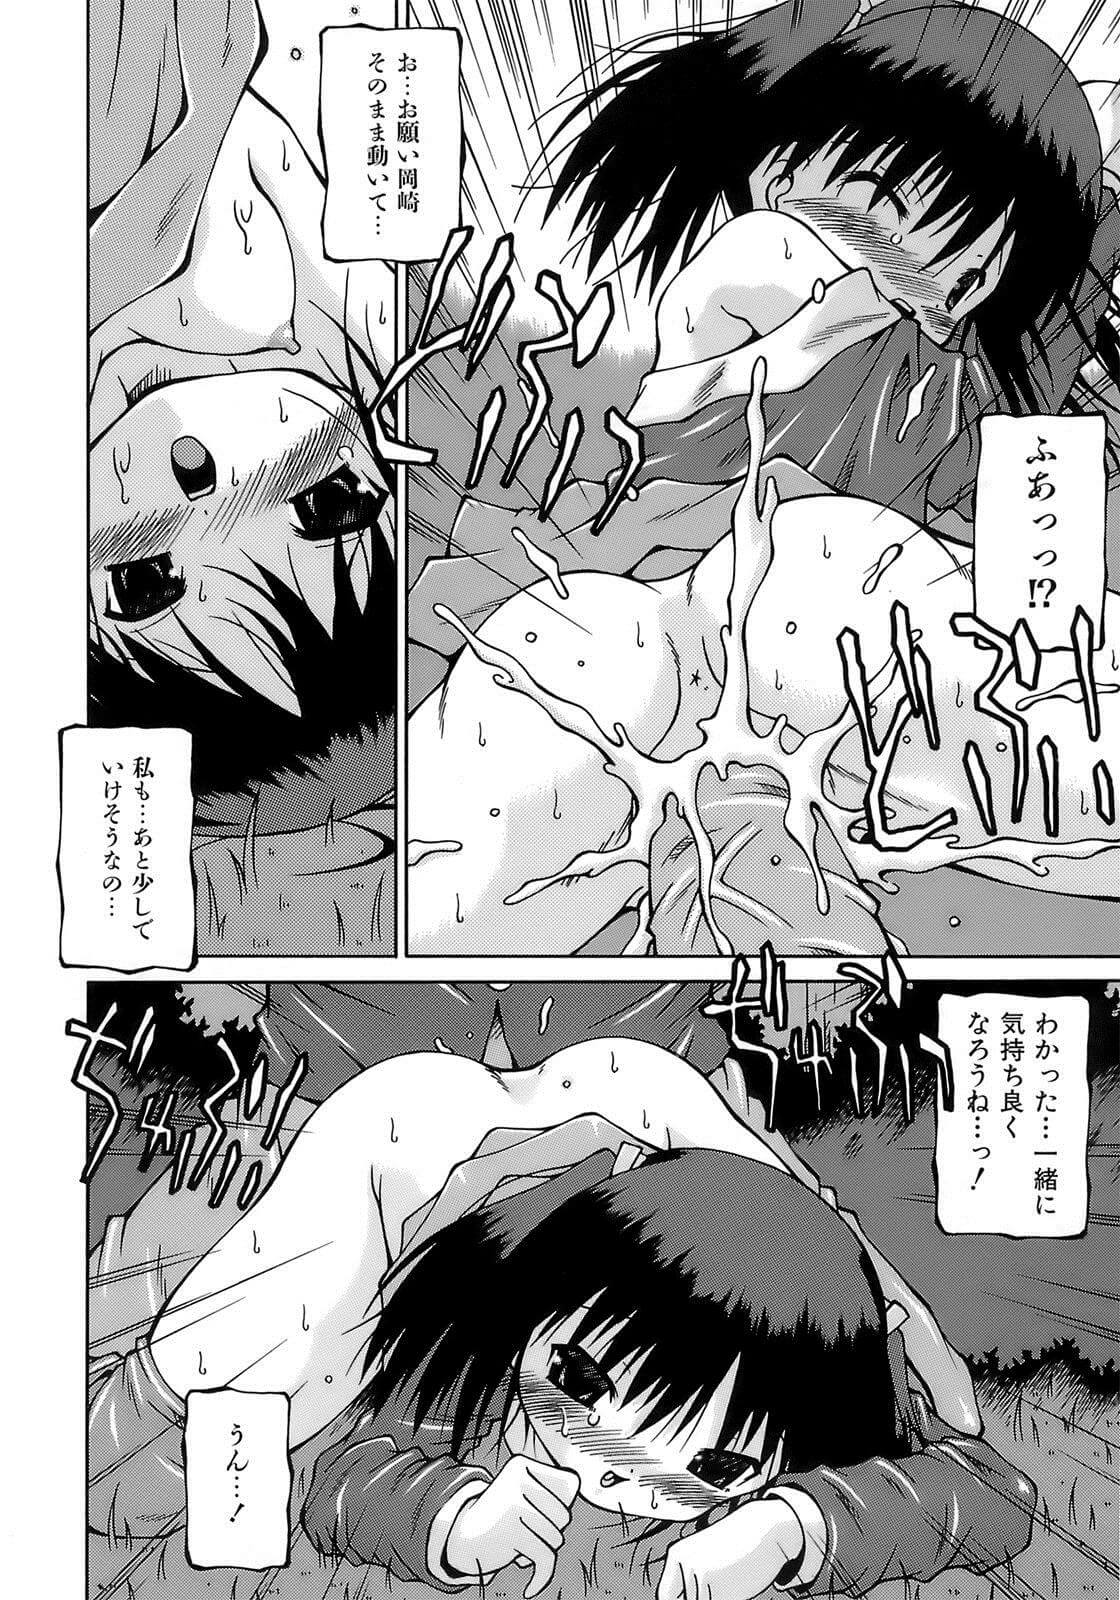 【エロ漫画】JCのツンデレ委員長が帰りにおしっこしたくなってチラ見してたら舐めさせられて…!【無料 エロ同人】 (18)